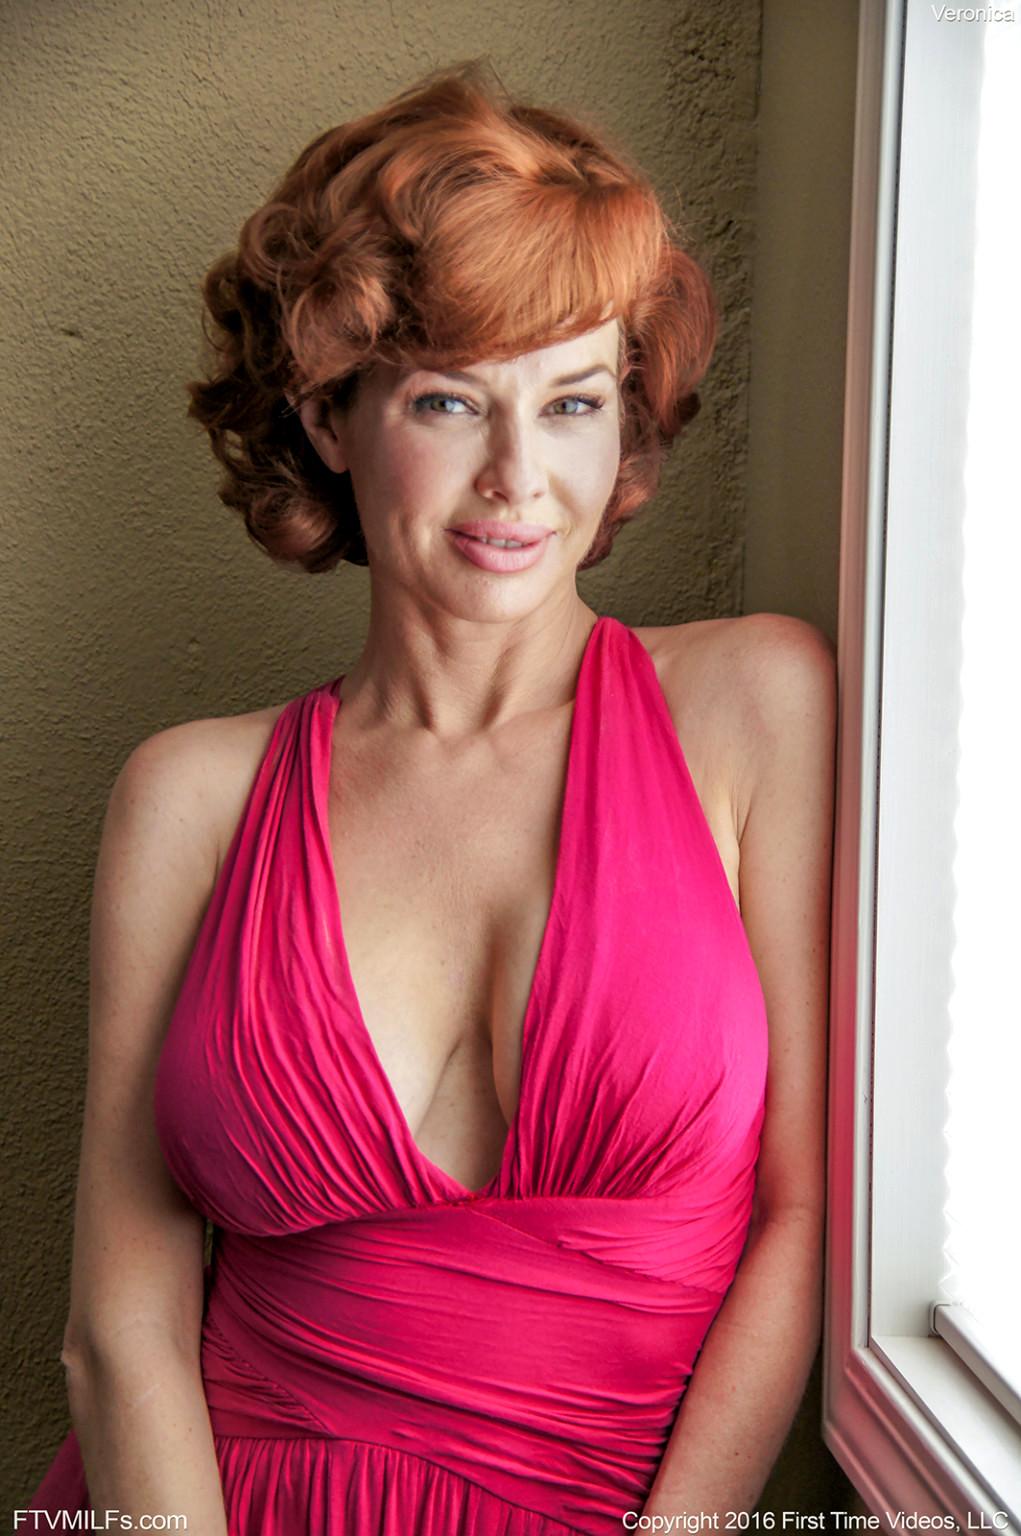 Ftv Milfs Veronica Avluv Exchange Redhead Sugar Babe Sex